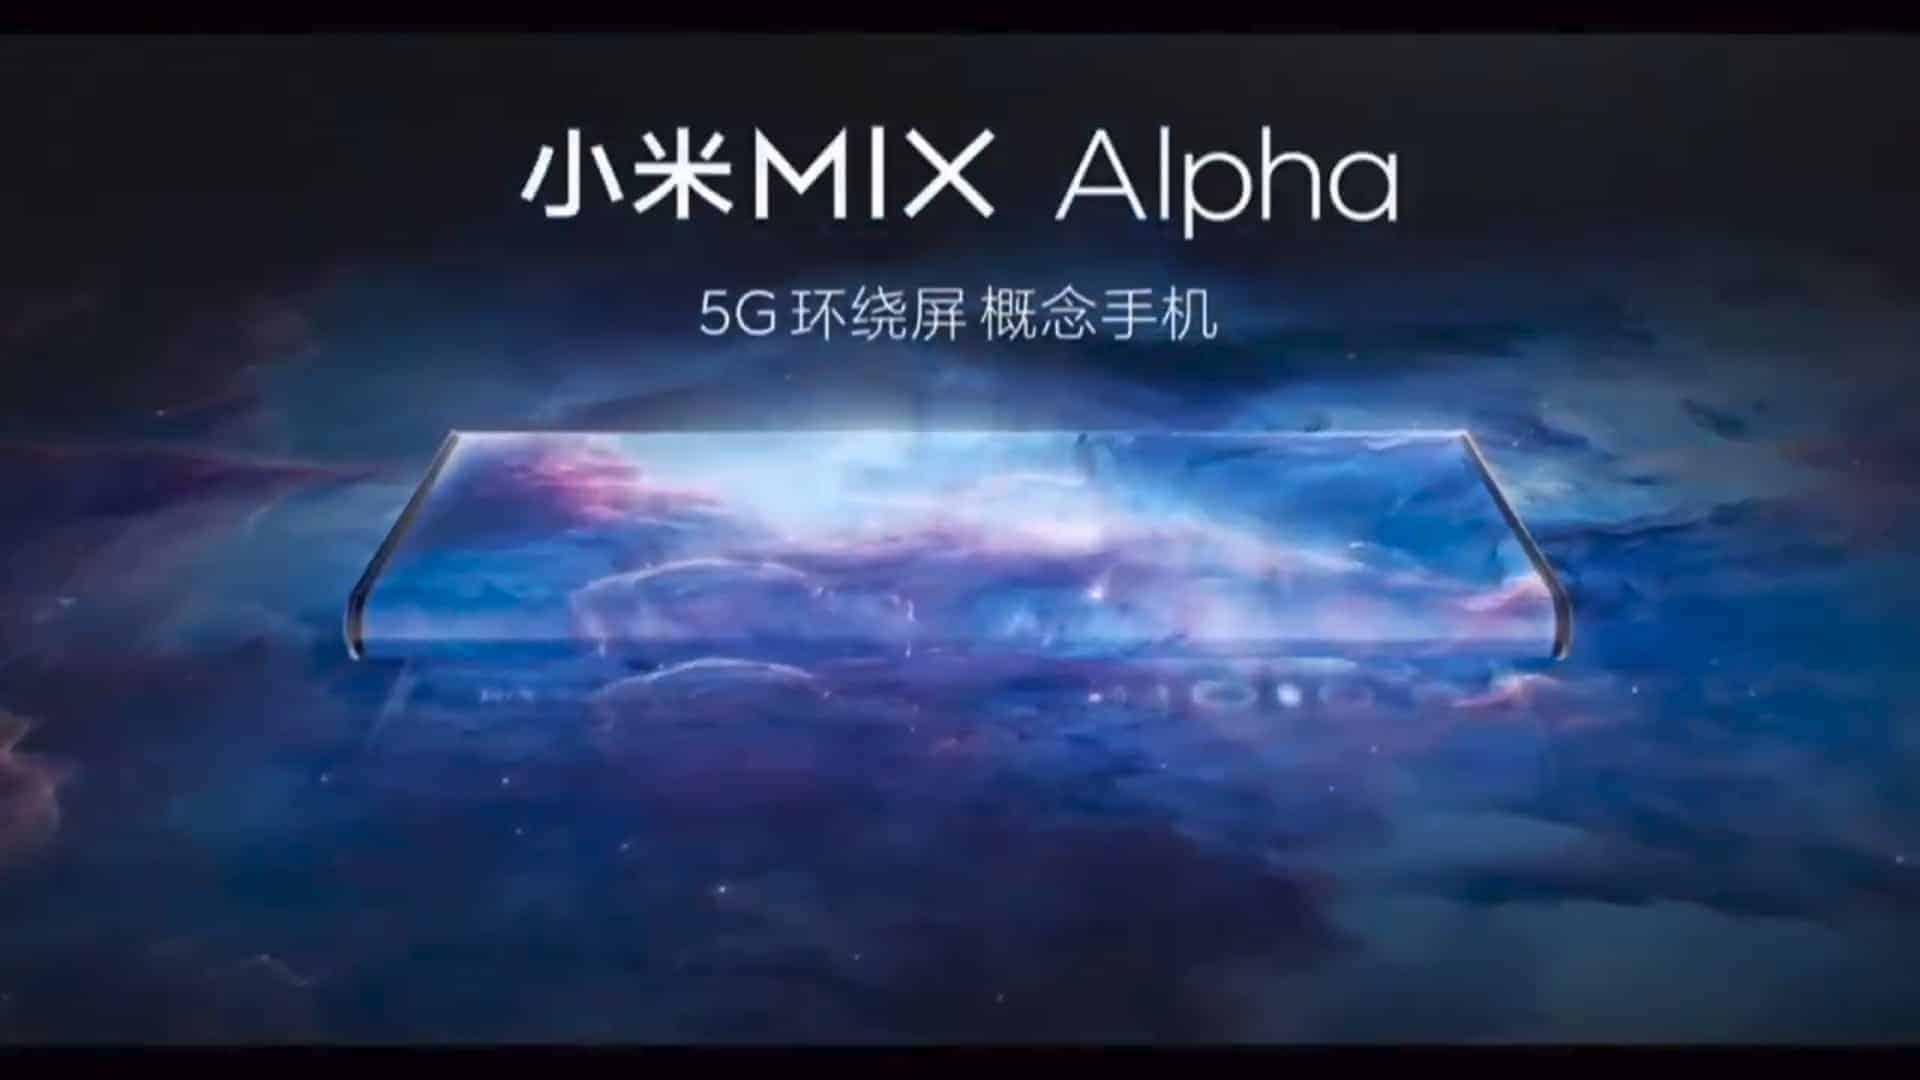 Xiaomi Mi MIX Alpha press conference 1